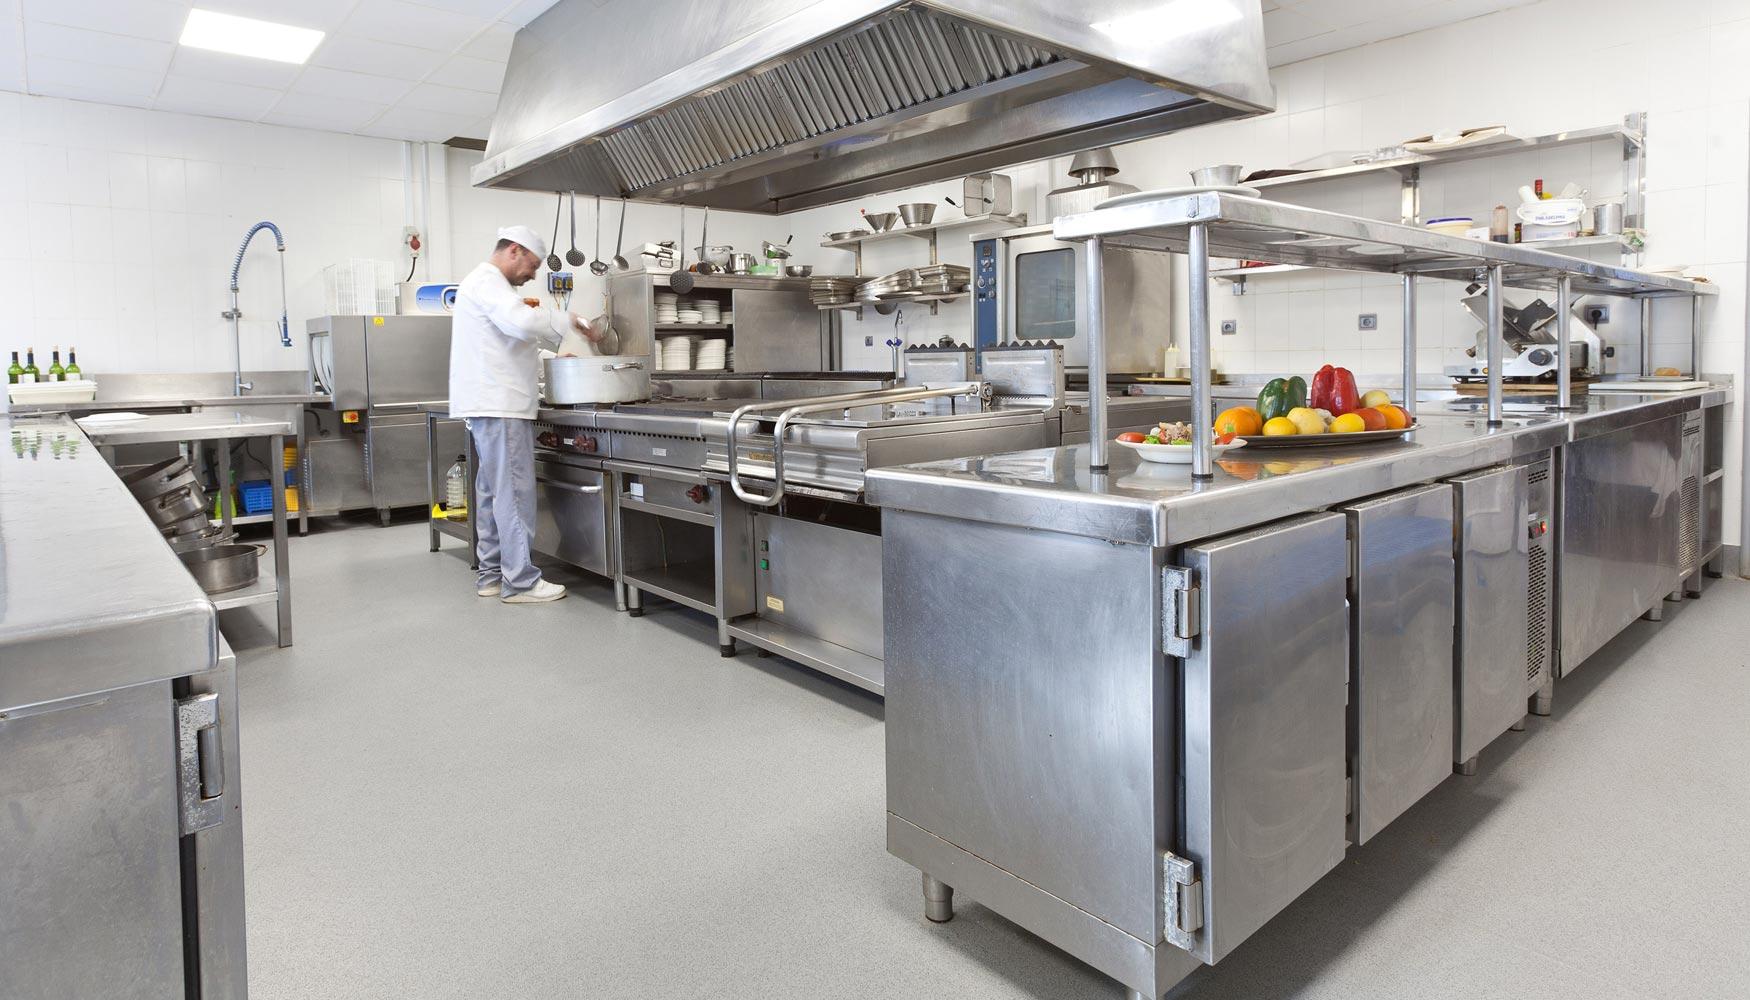 El restaurante del parque de la naturaleza de cab rceno se - Suelos para cocinas industriales ...